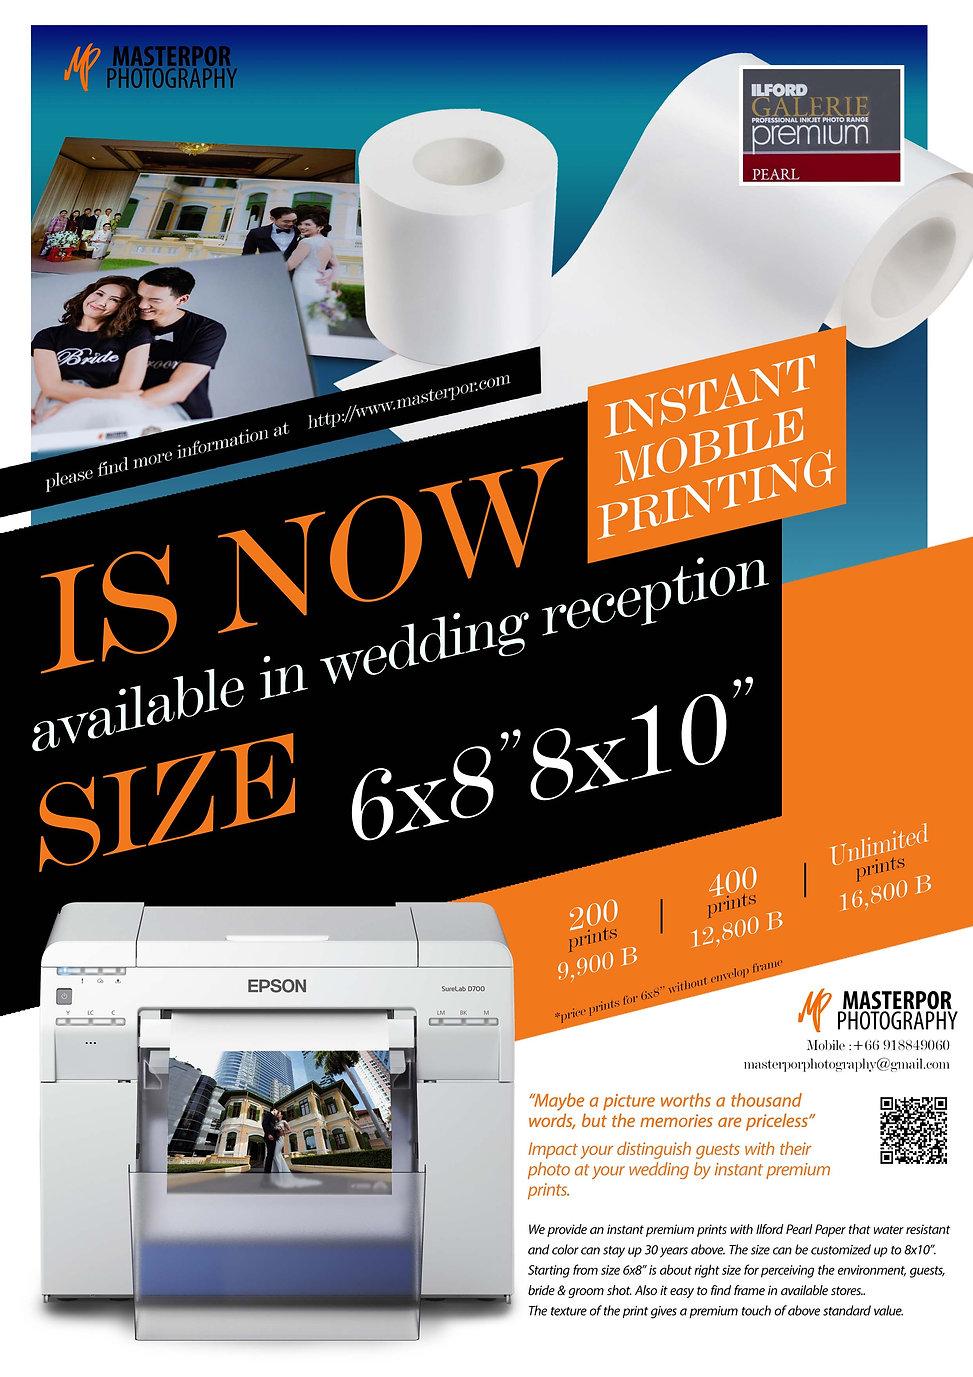 Specail Package Offer for Print on site Event, ราคาปริ้นท์รูปงานแต่งงาน, แพคเกจพิเศษ, บริการปริ้นท์รูปหน้างานแต่งงาน